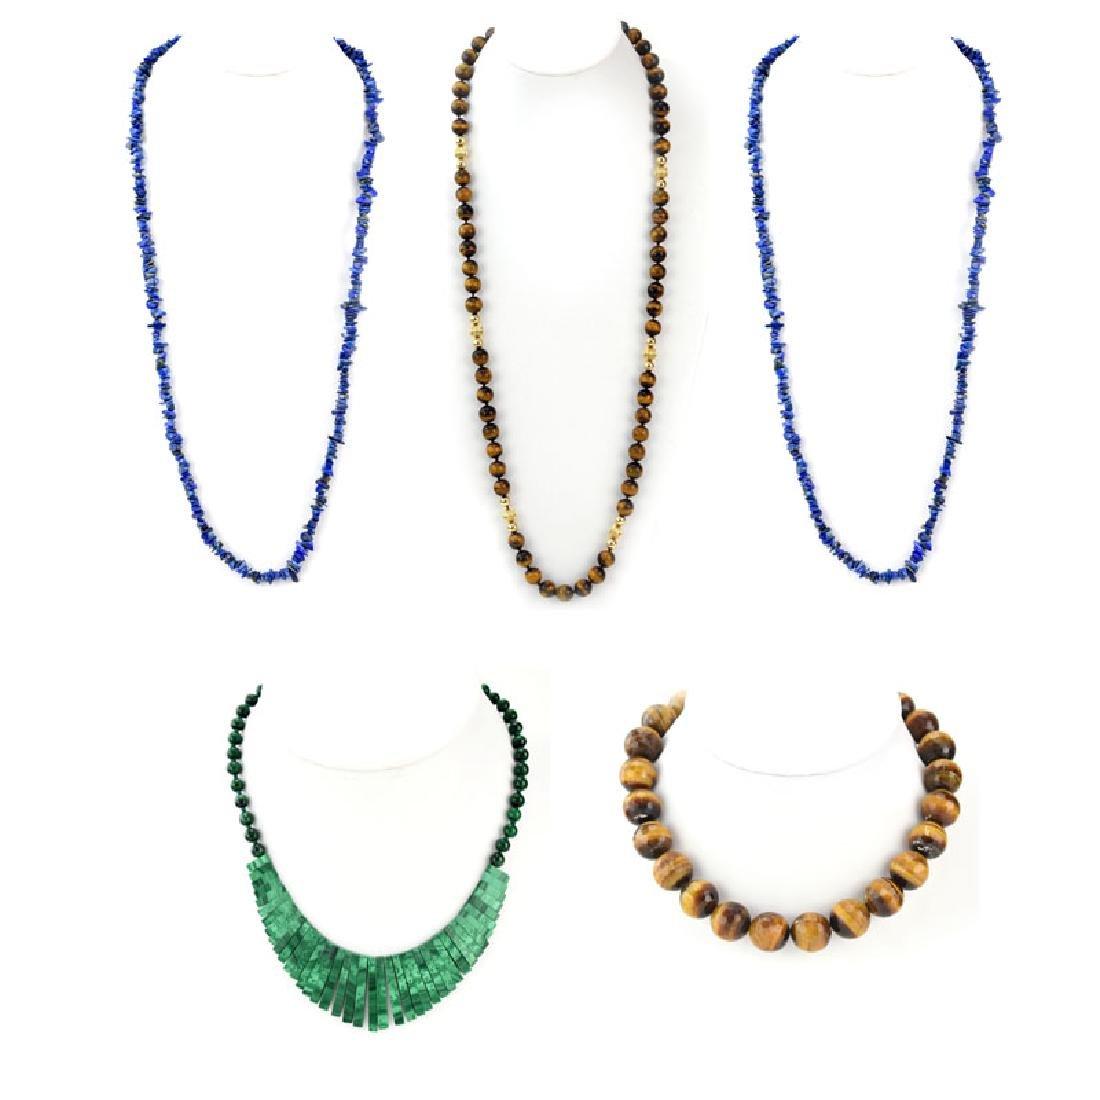 Five (5) Vintage Semi-Precious Stone Necklaces